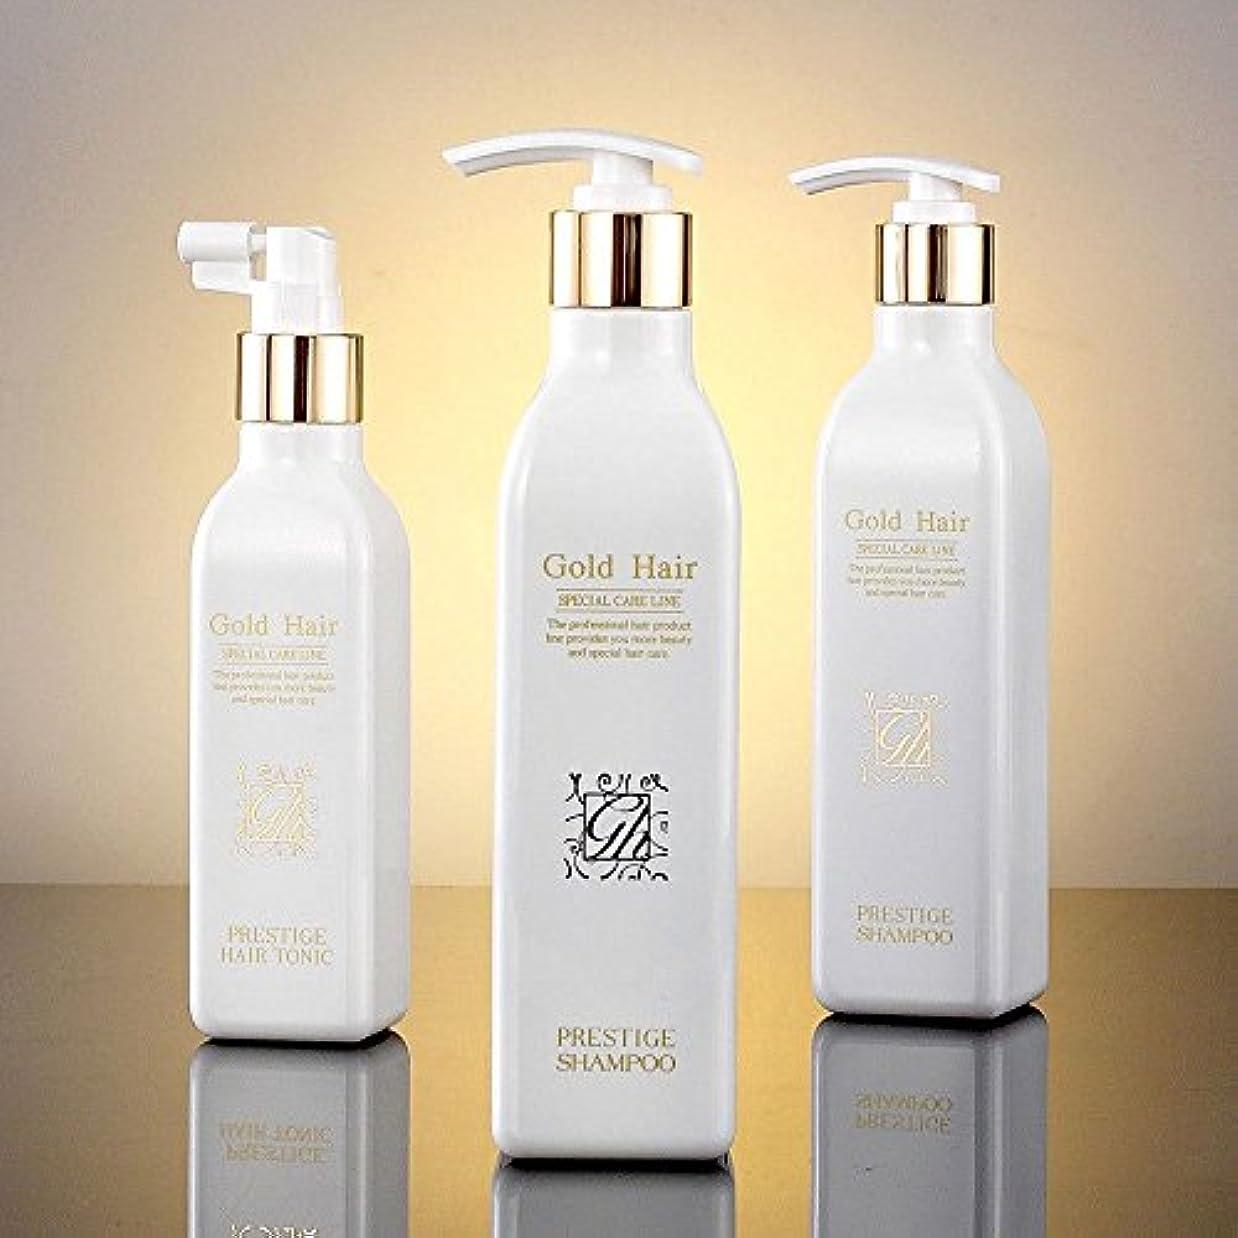 ゴールドヘア育毛シャンプー2個&トニック1個 漢方シャンプー /Herbal Hair Loss Fast Regrowth Shampoo 100% Natural Patented Set of 3(2 shampoo...